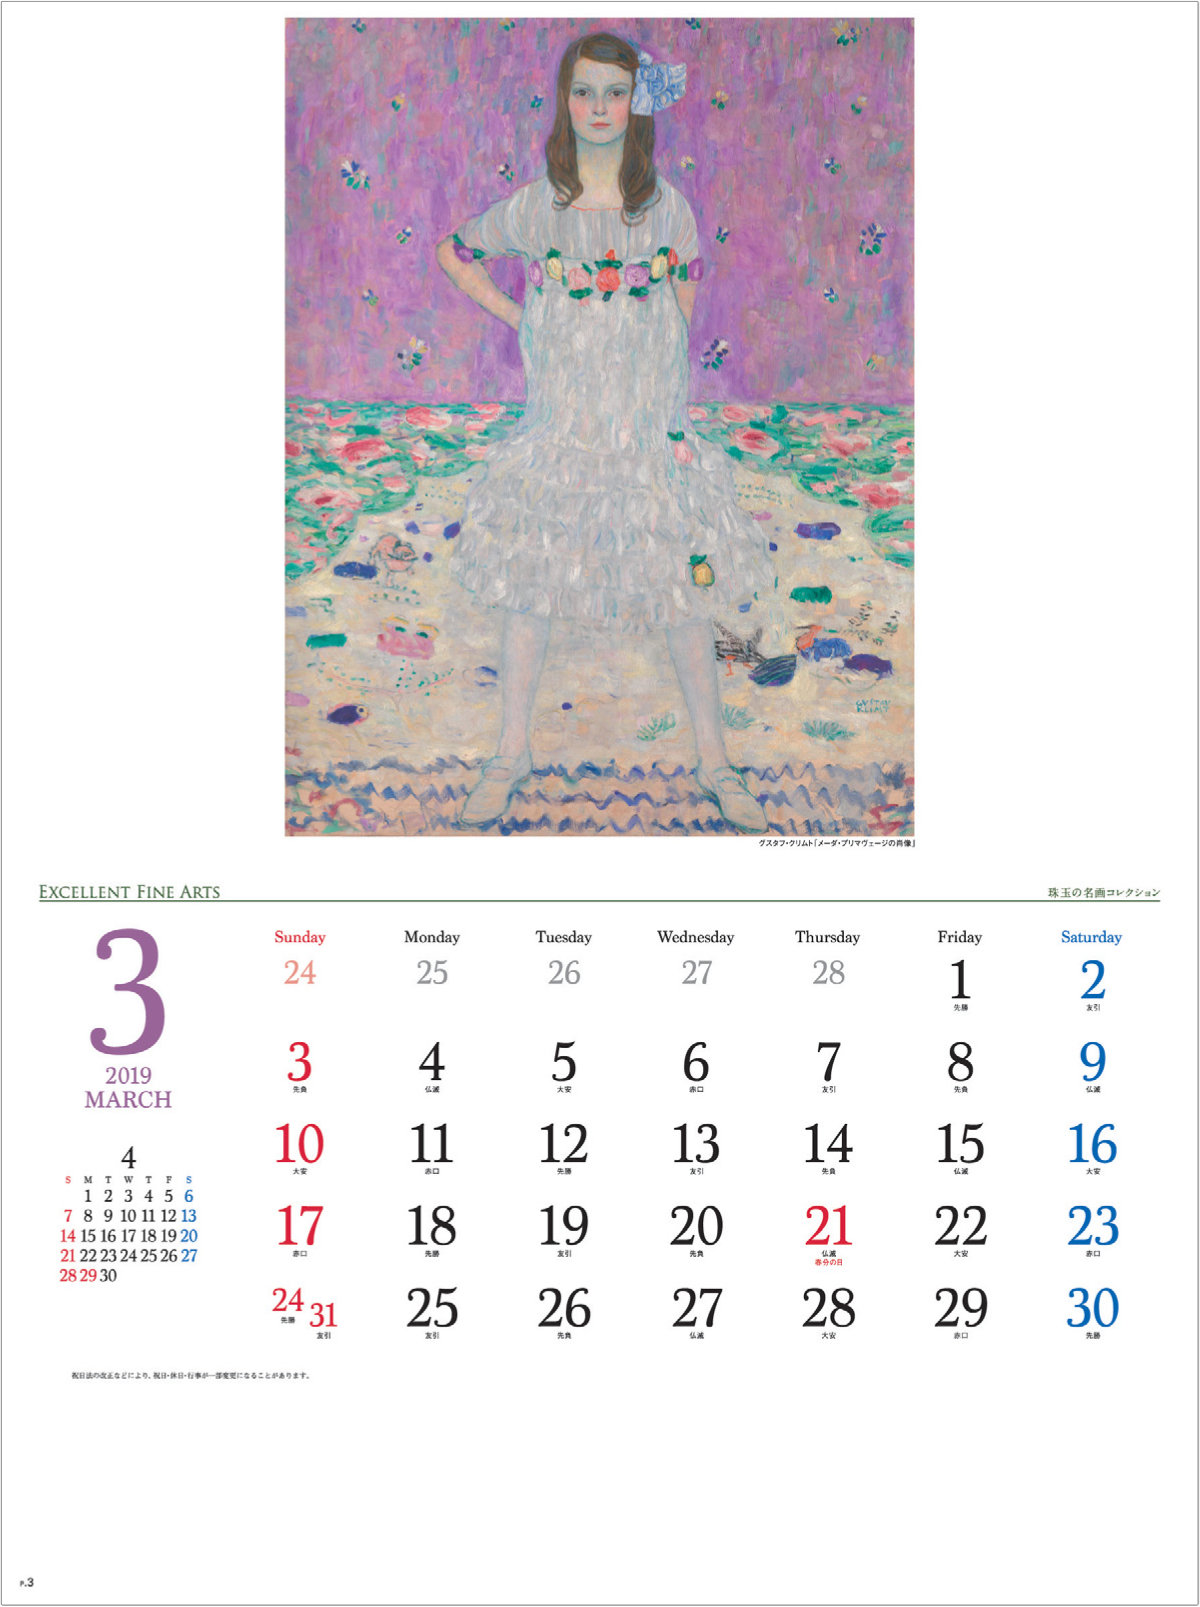 画像:グスタフ・クリムト「メーダプリマヴェージの肖像」 珠玉の名画コレクション 2019年カレンダー